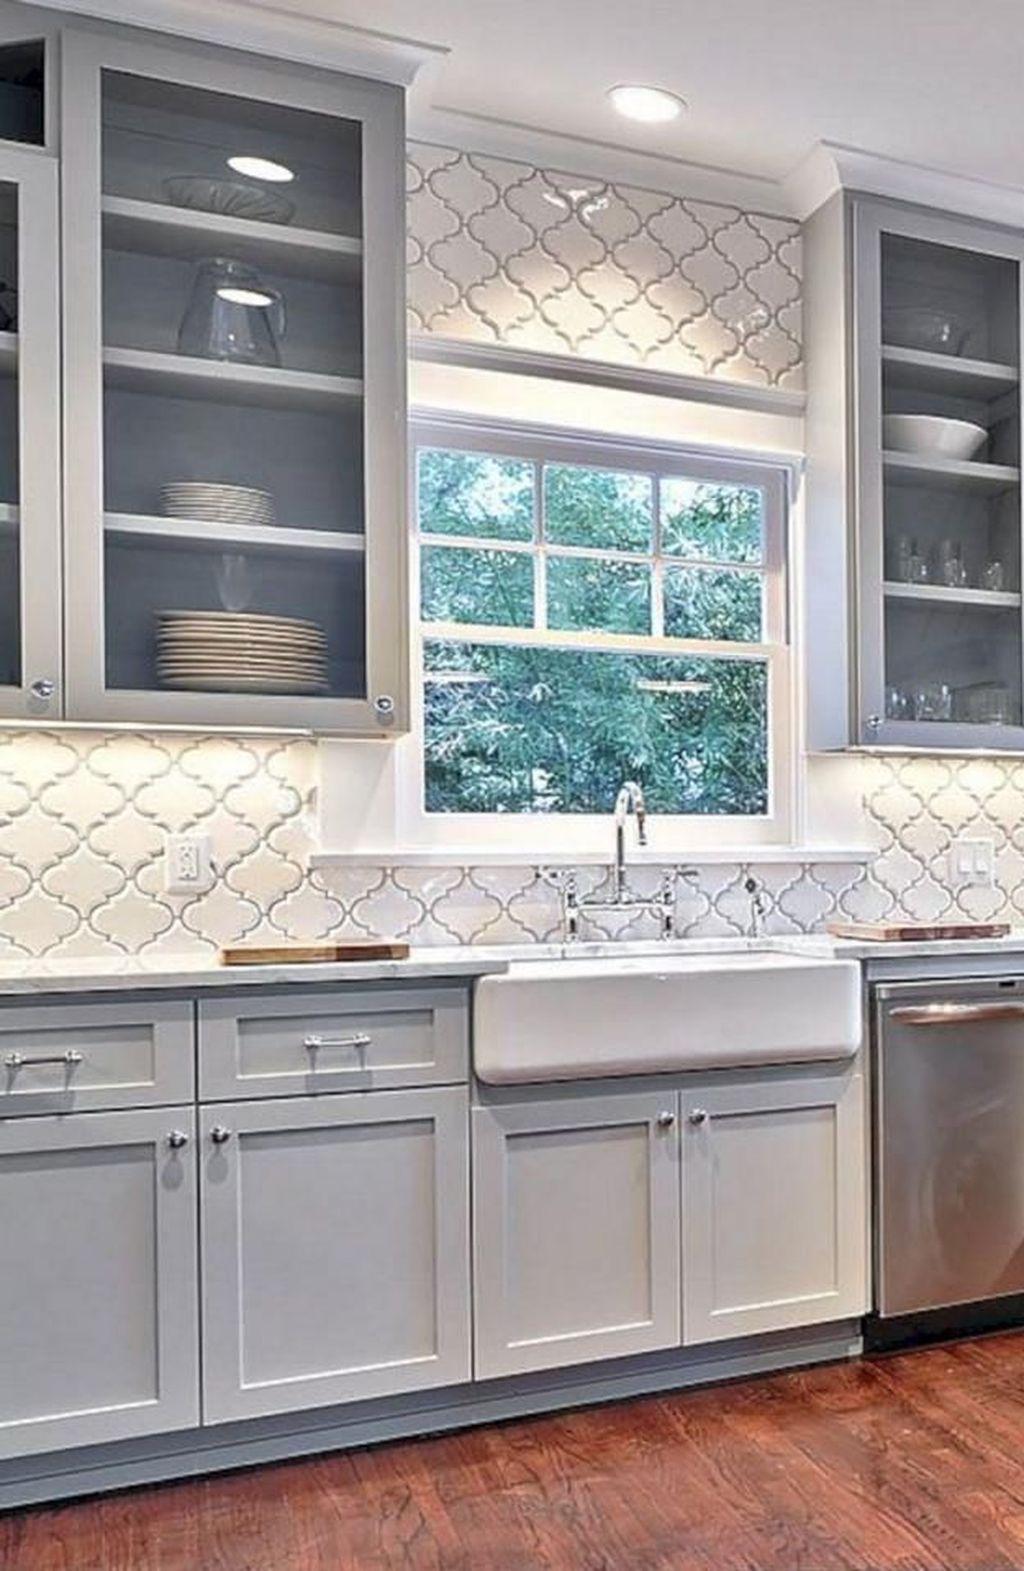 34 Best Glitter Kitchen Tiles Design Ideas You Will Love It Farmhouse Style Kitchen Kitchen Backsplash Designs New Kitchen Cabinets